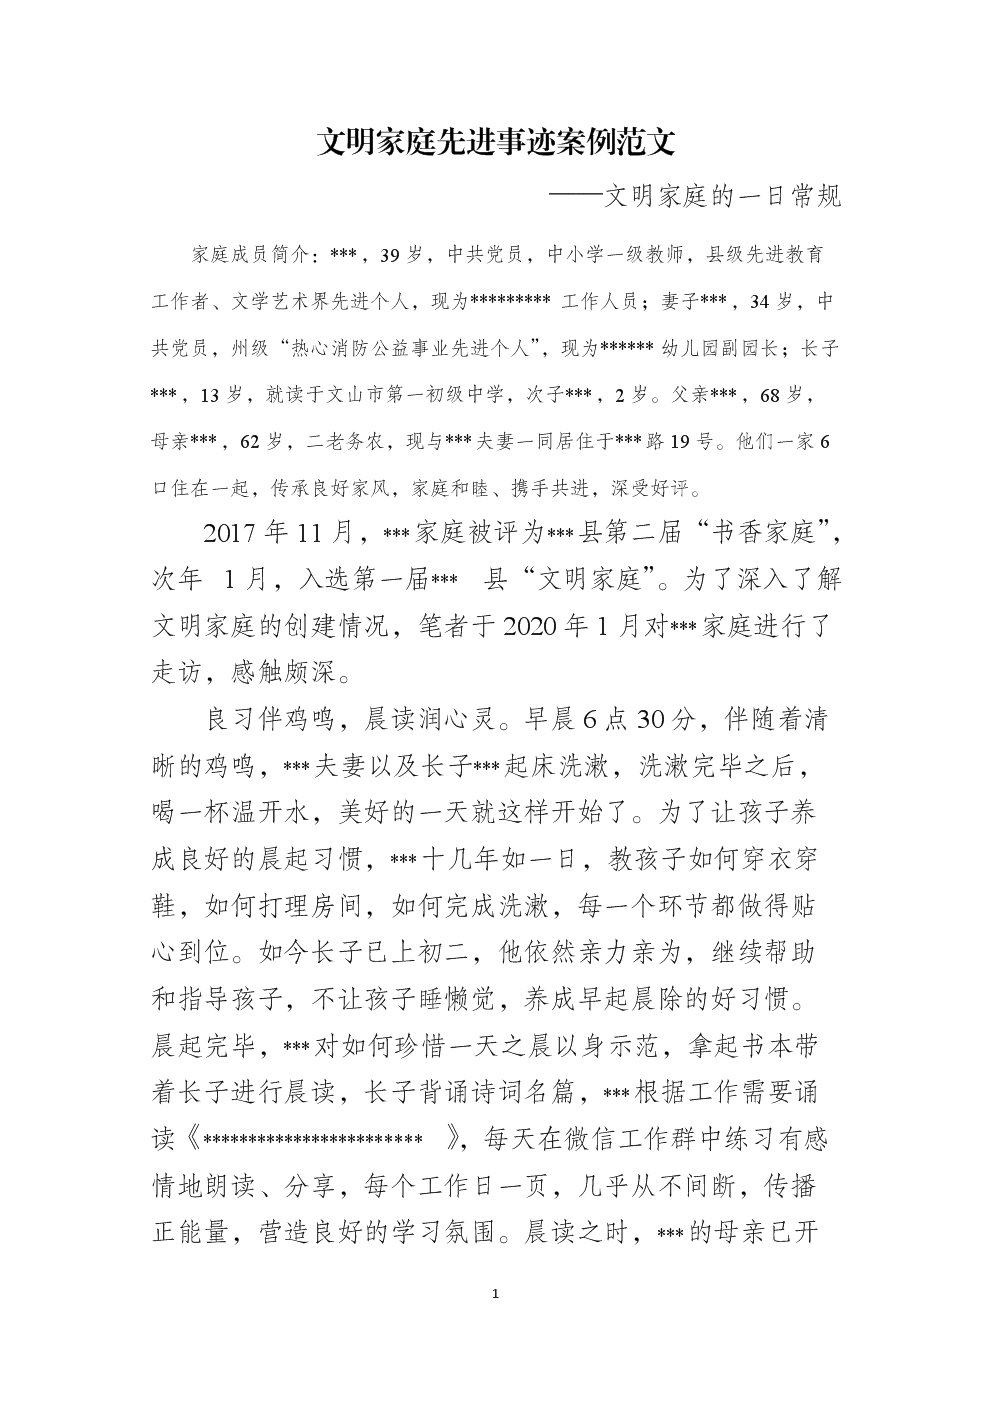 文明家庭先进事迹案例范文——文明家庭的一日常规.docx